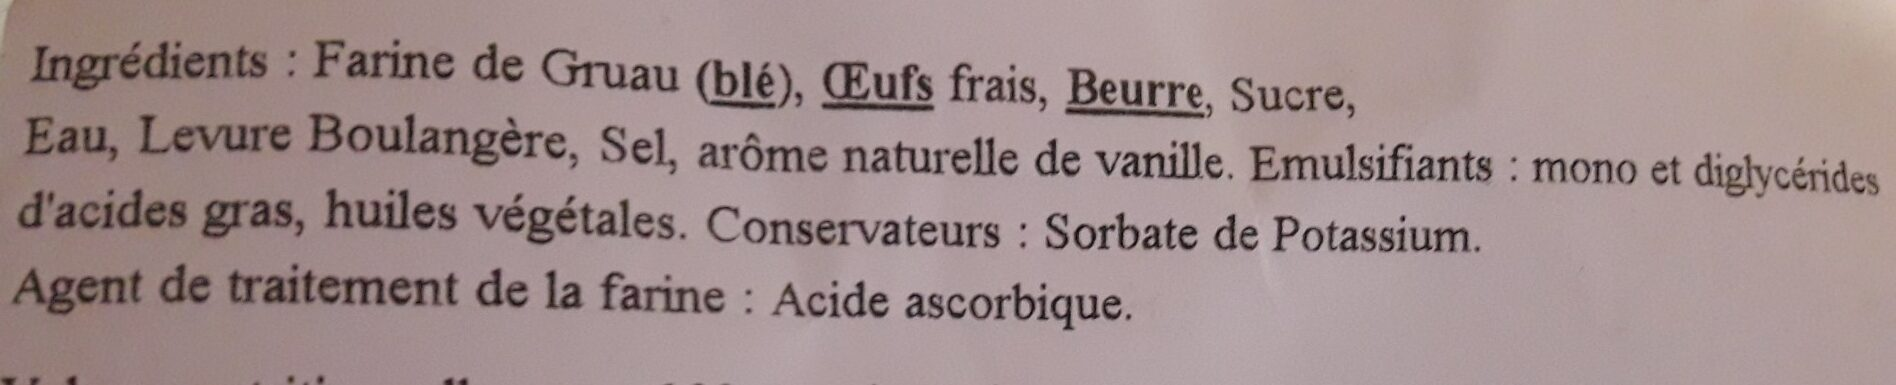 Brioche boule - Ingrédients - fr